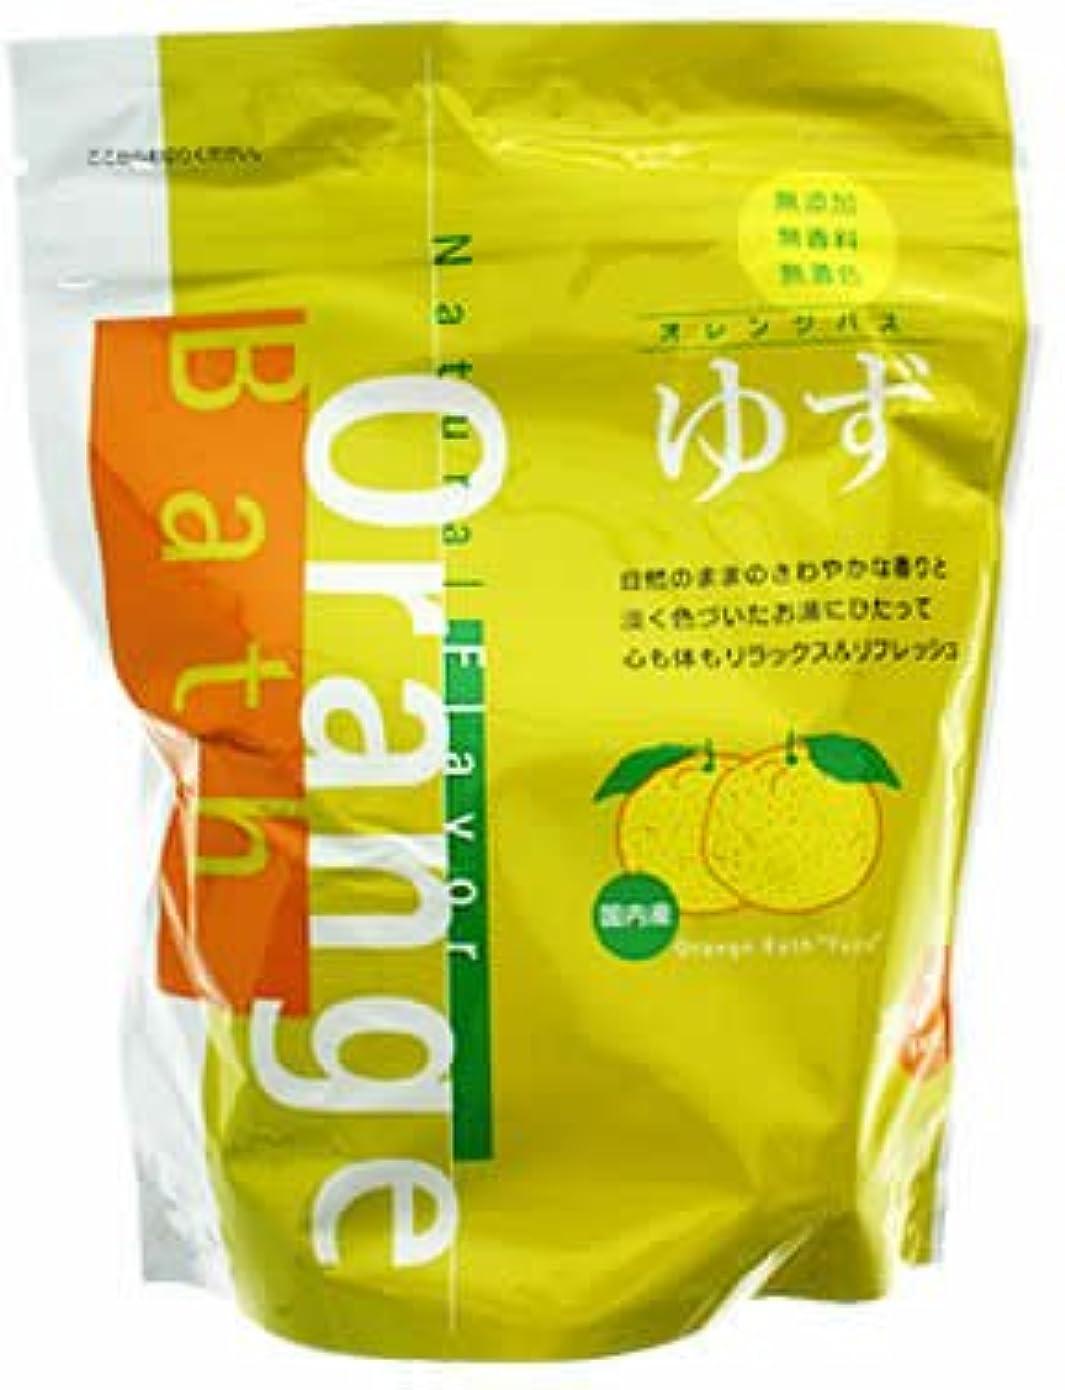 オレンジバス ゆずのお風呂 30g×7パック(入浴剤)